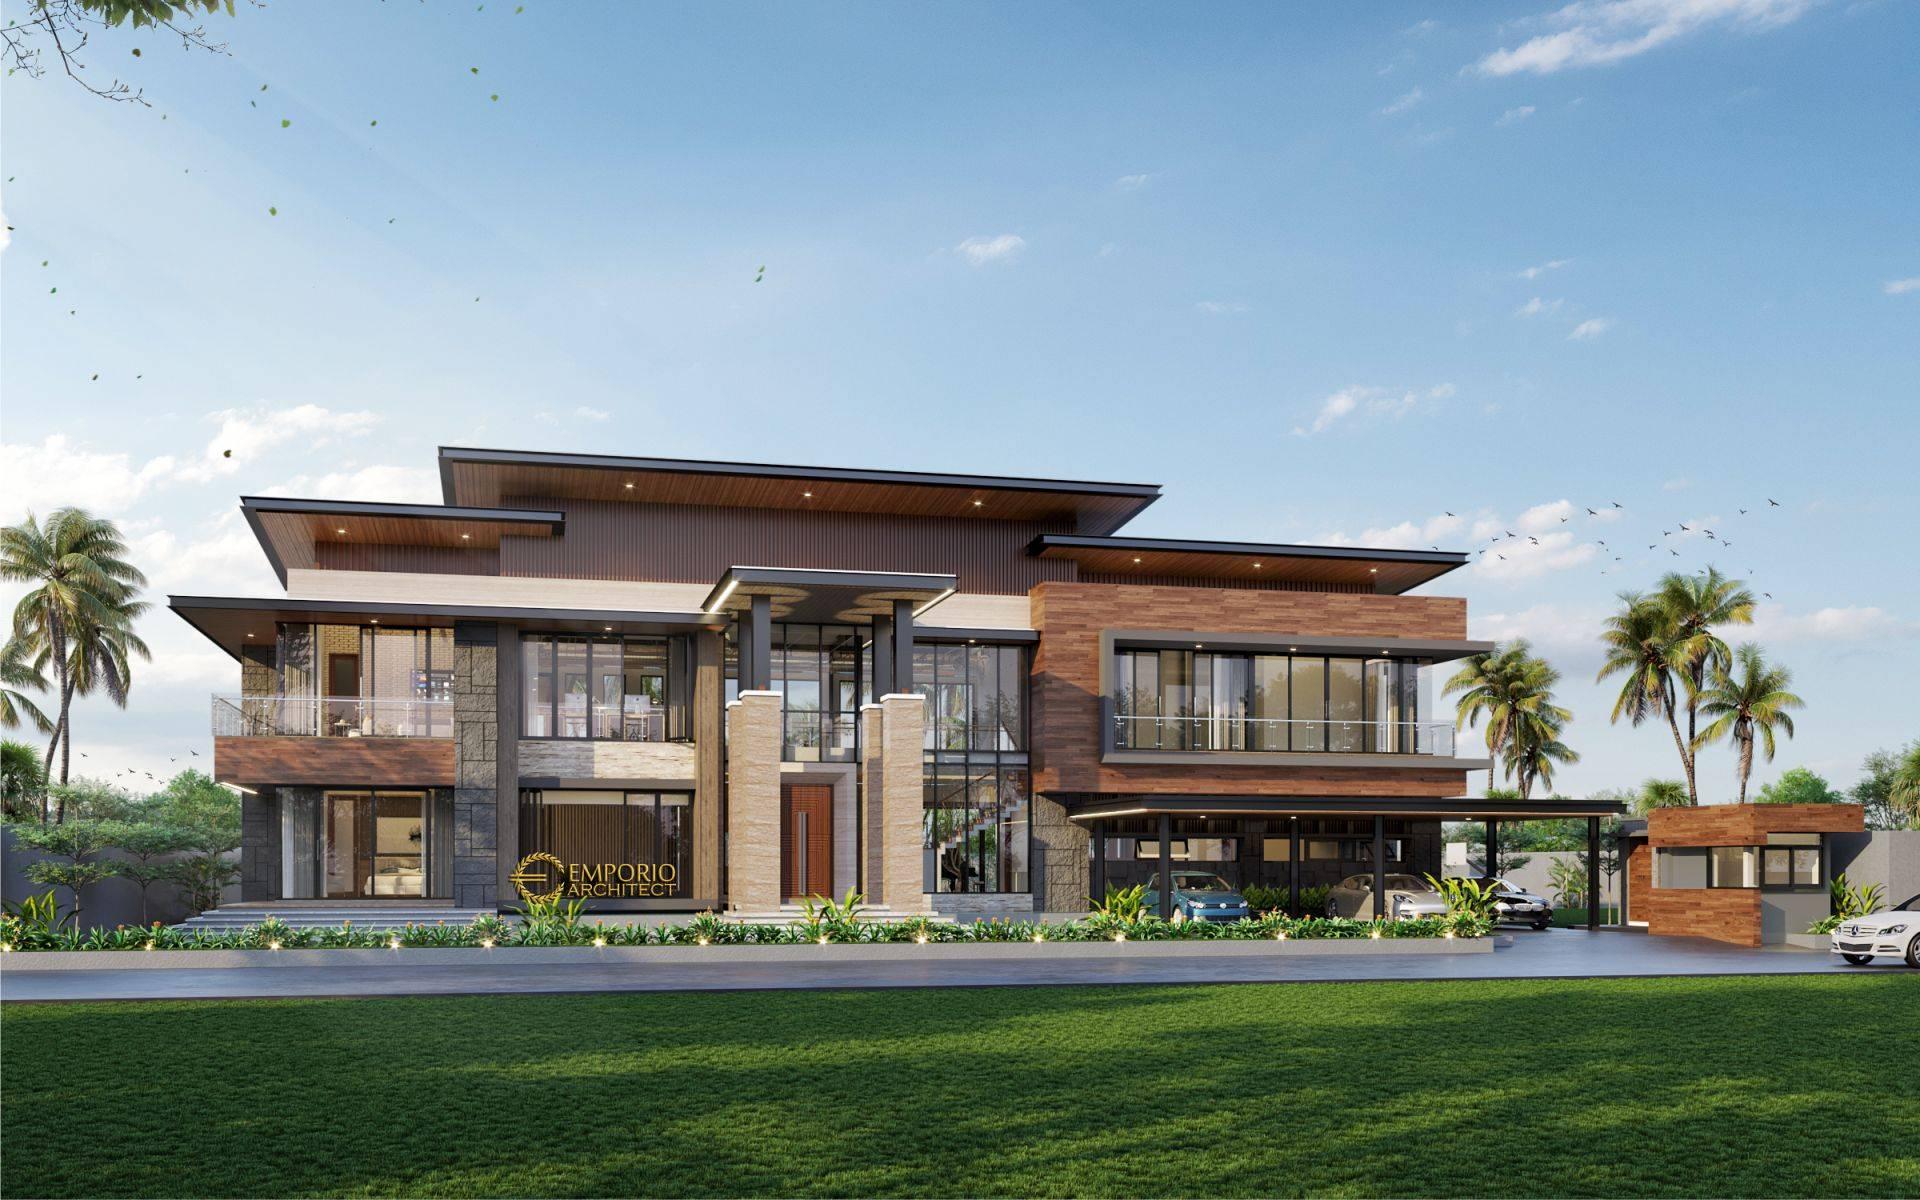 Portofolio Desain Bangunan Terbaru karya Jasa Arsitek Urutkan Popularitas 17